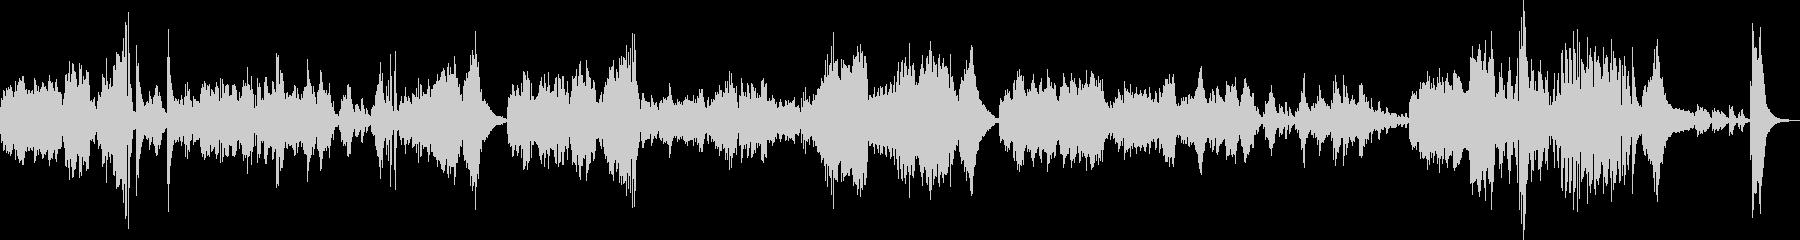 ベートーヴェンピアノソナタ悲愴第三楽章の未再生の波形